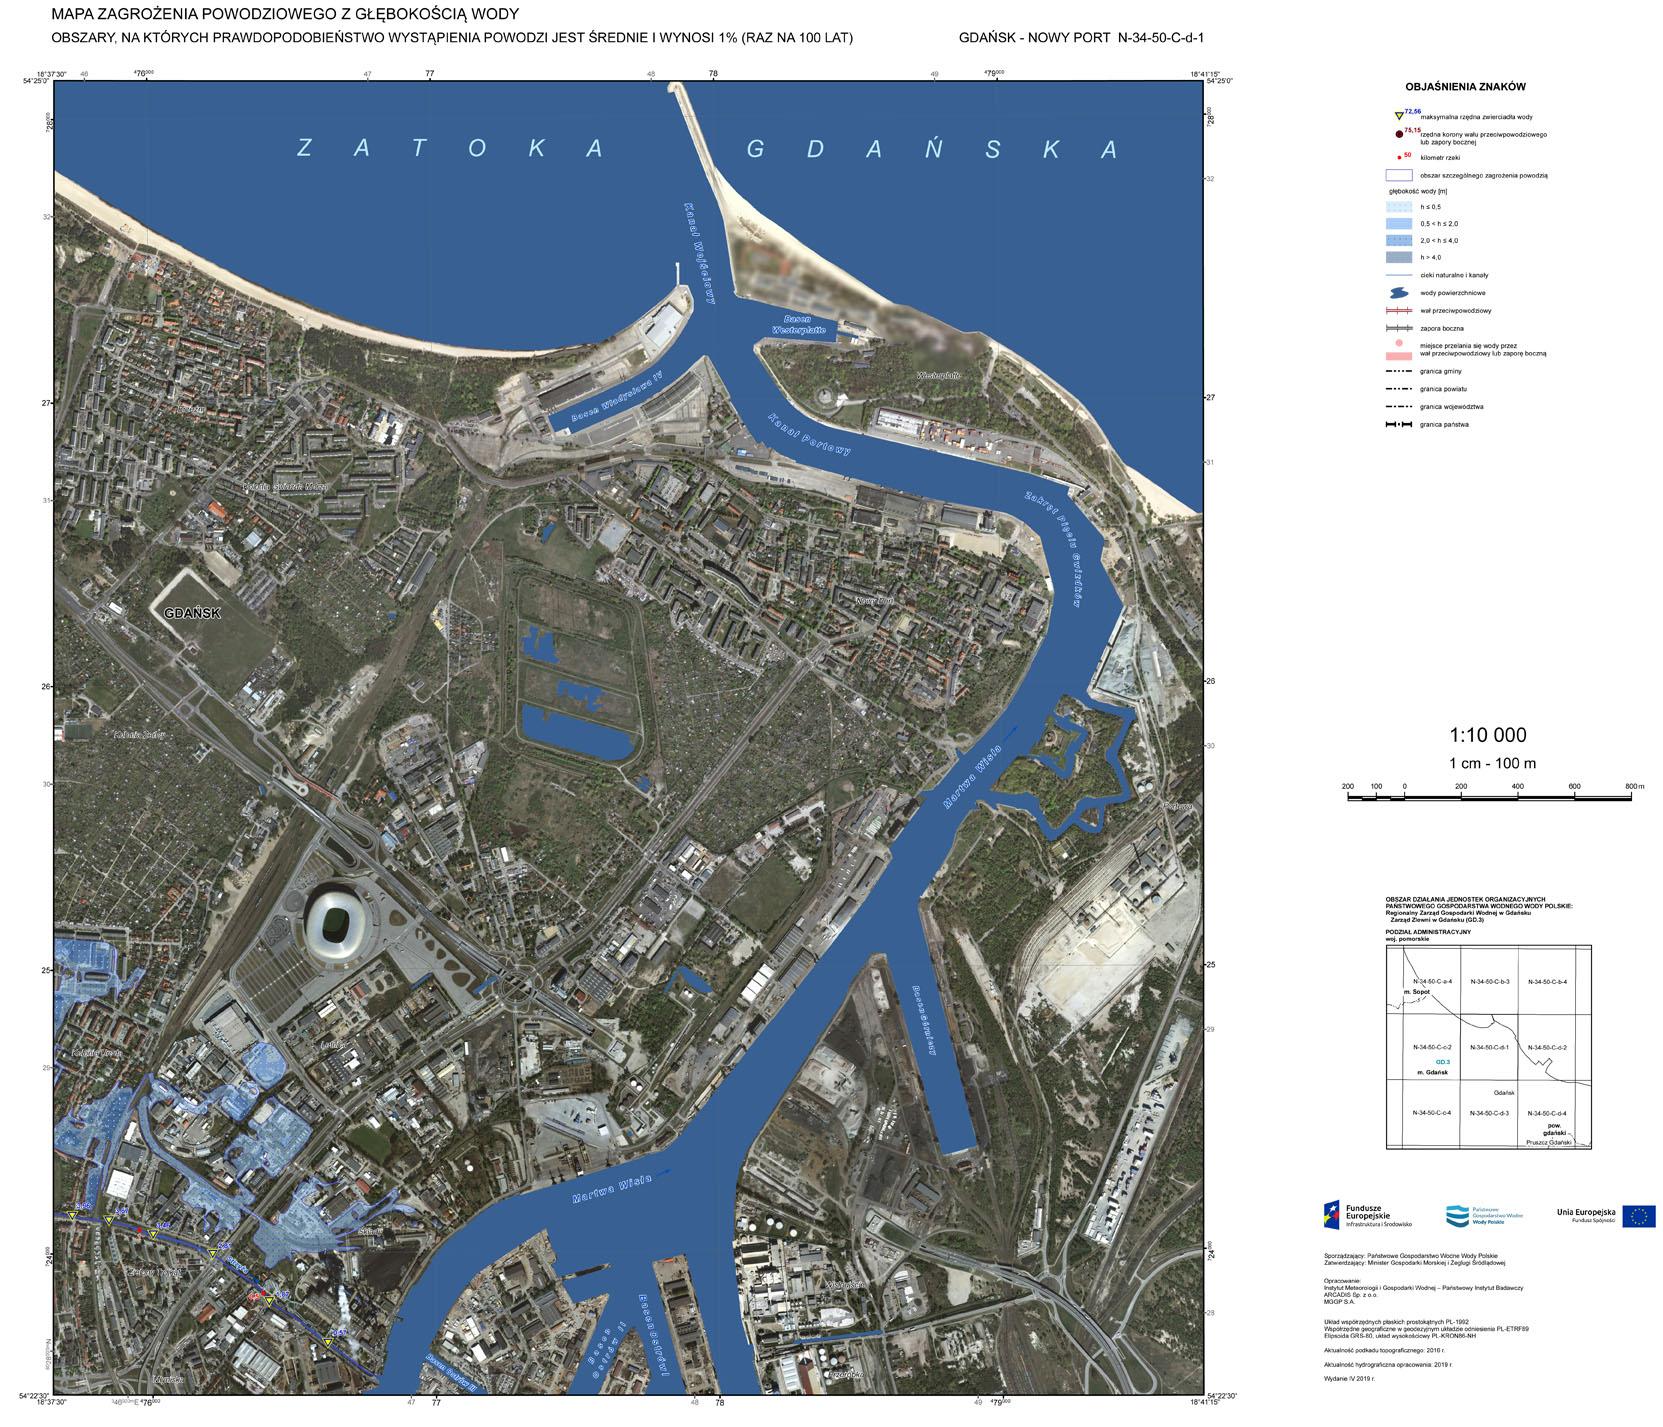 Mapa zagrożenia powodziowego. Gdańsk (https://isok.gov.pl/hydroportal.html)